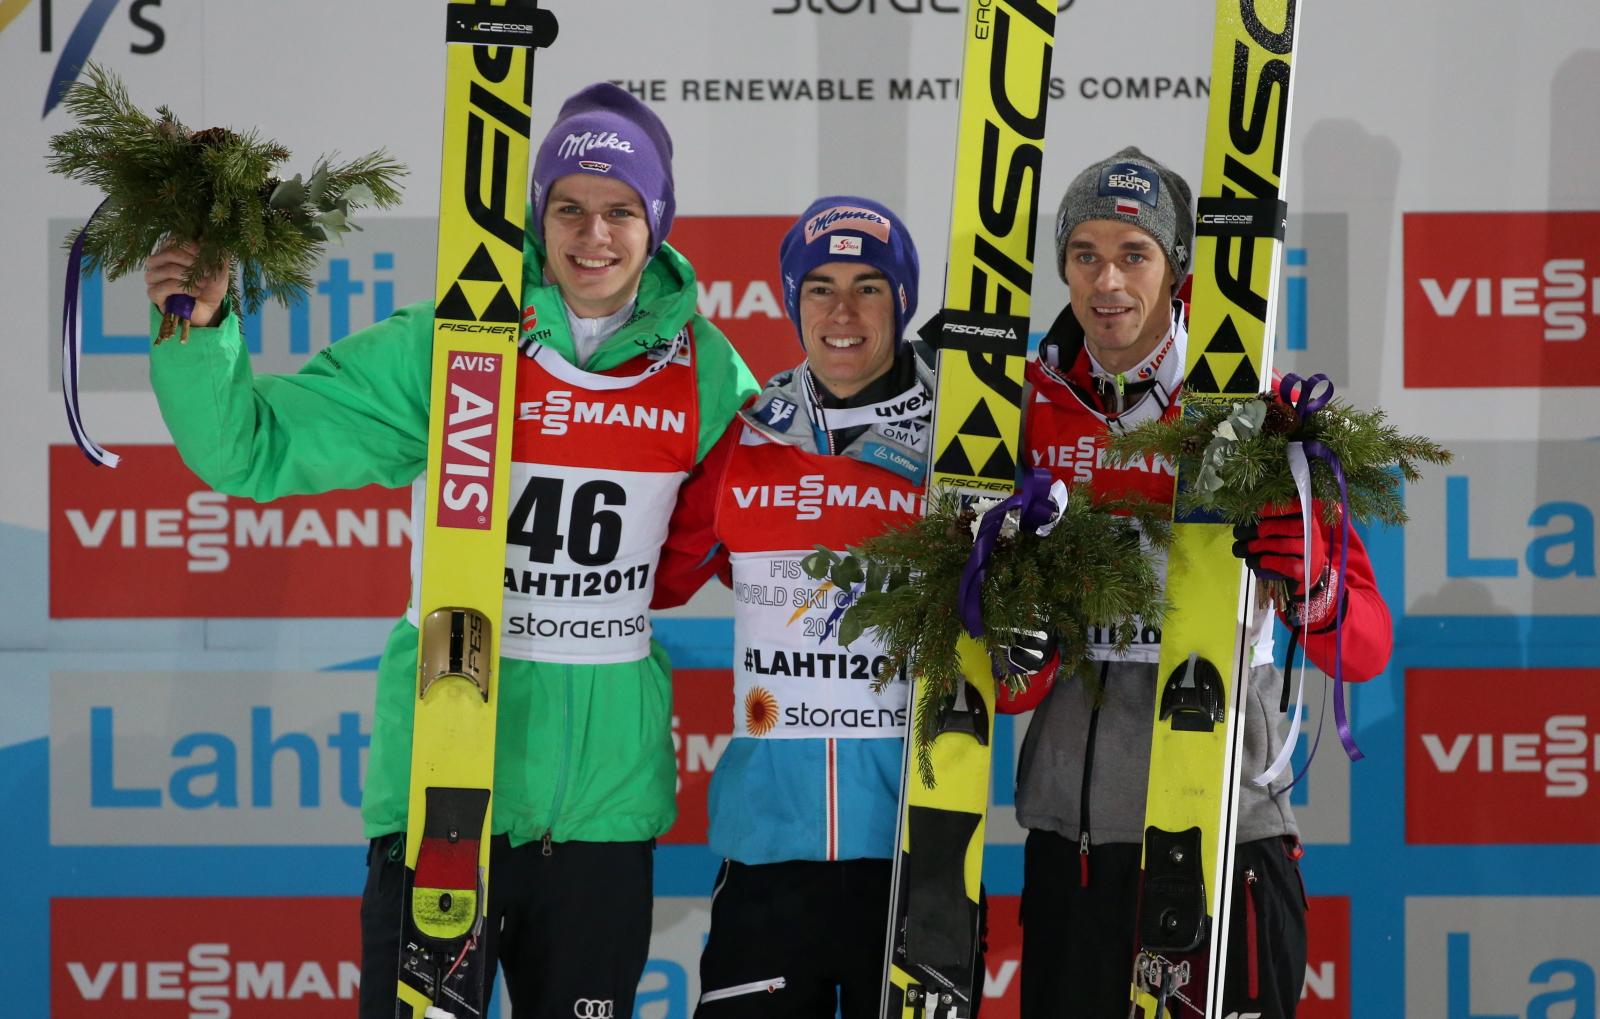 Piotr Żyła brązowym medalistą w konkursie indywidualnym skoków narciarskich w Lahti, Fot. PAP/Grzegorz Momot